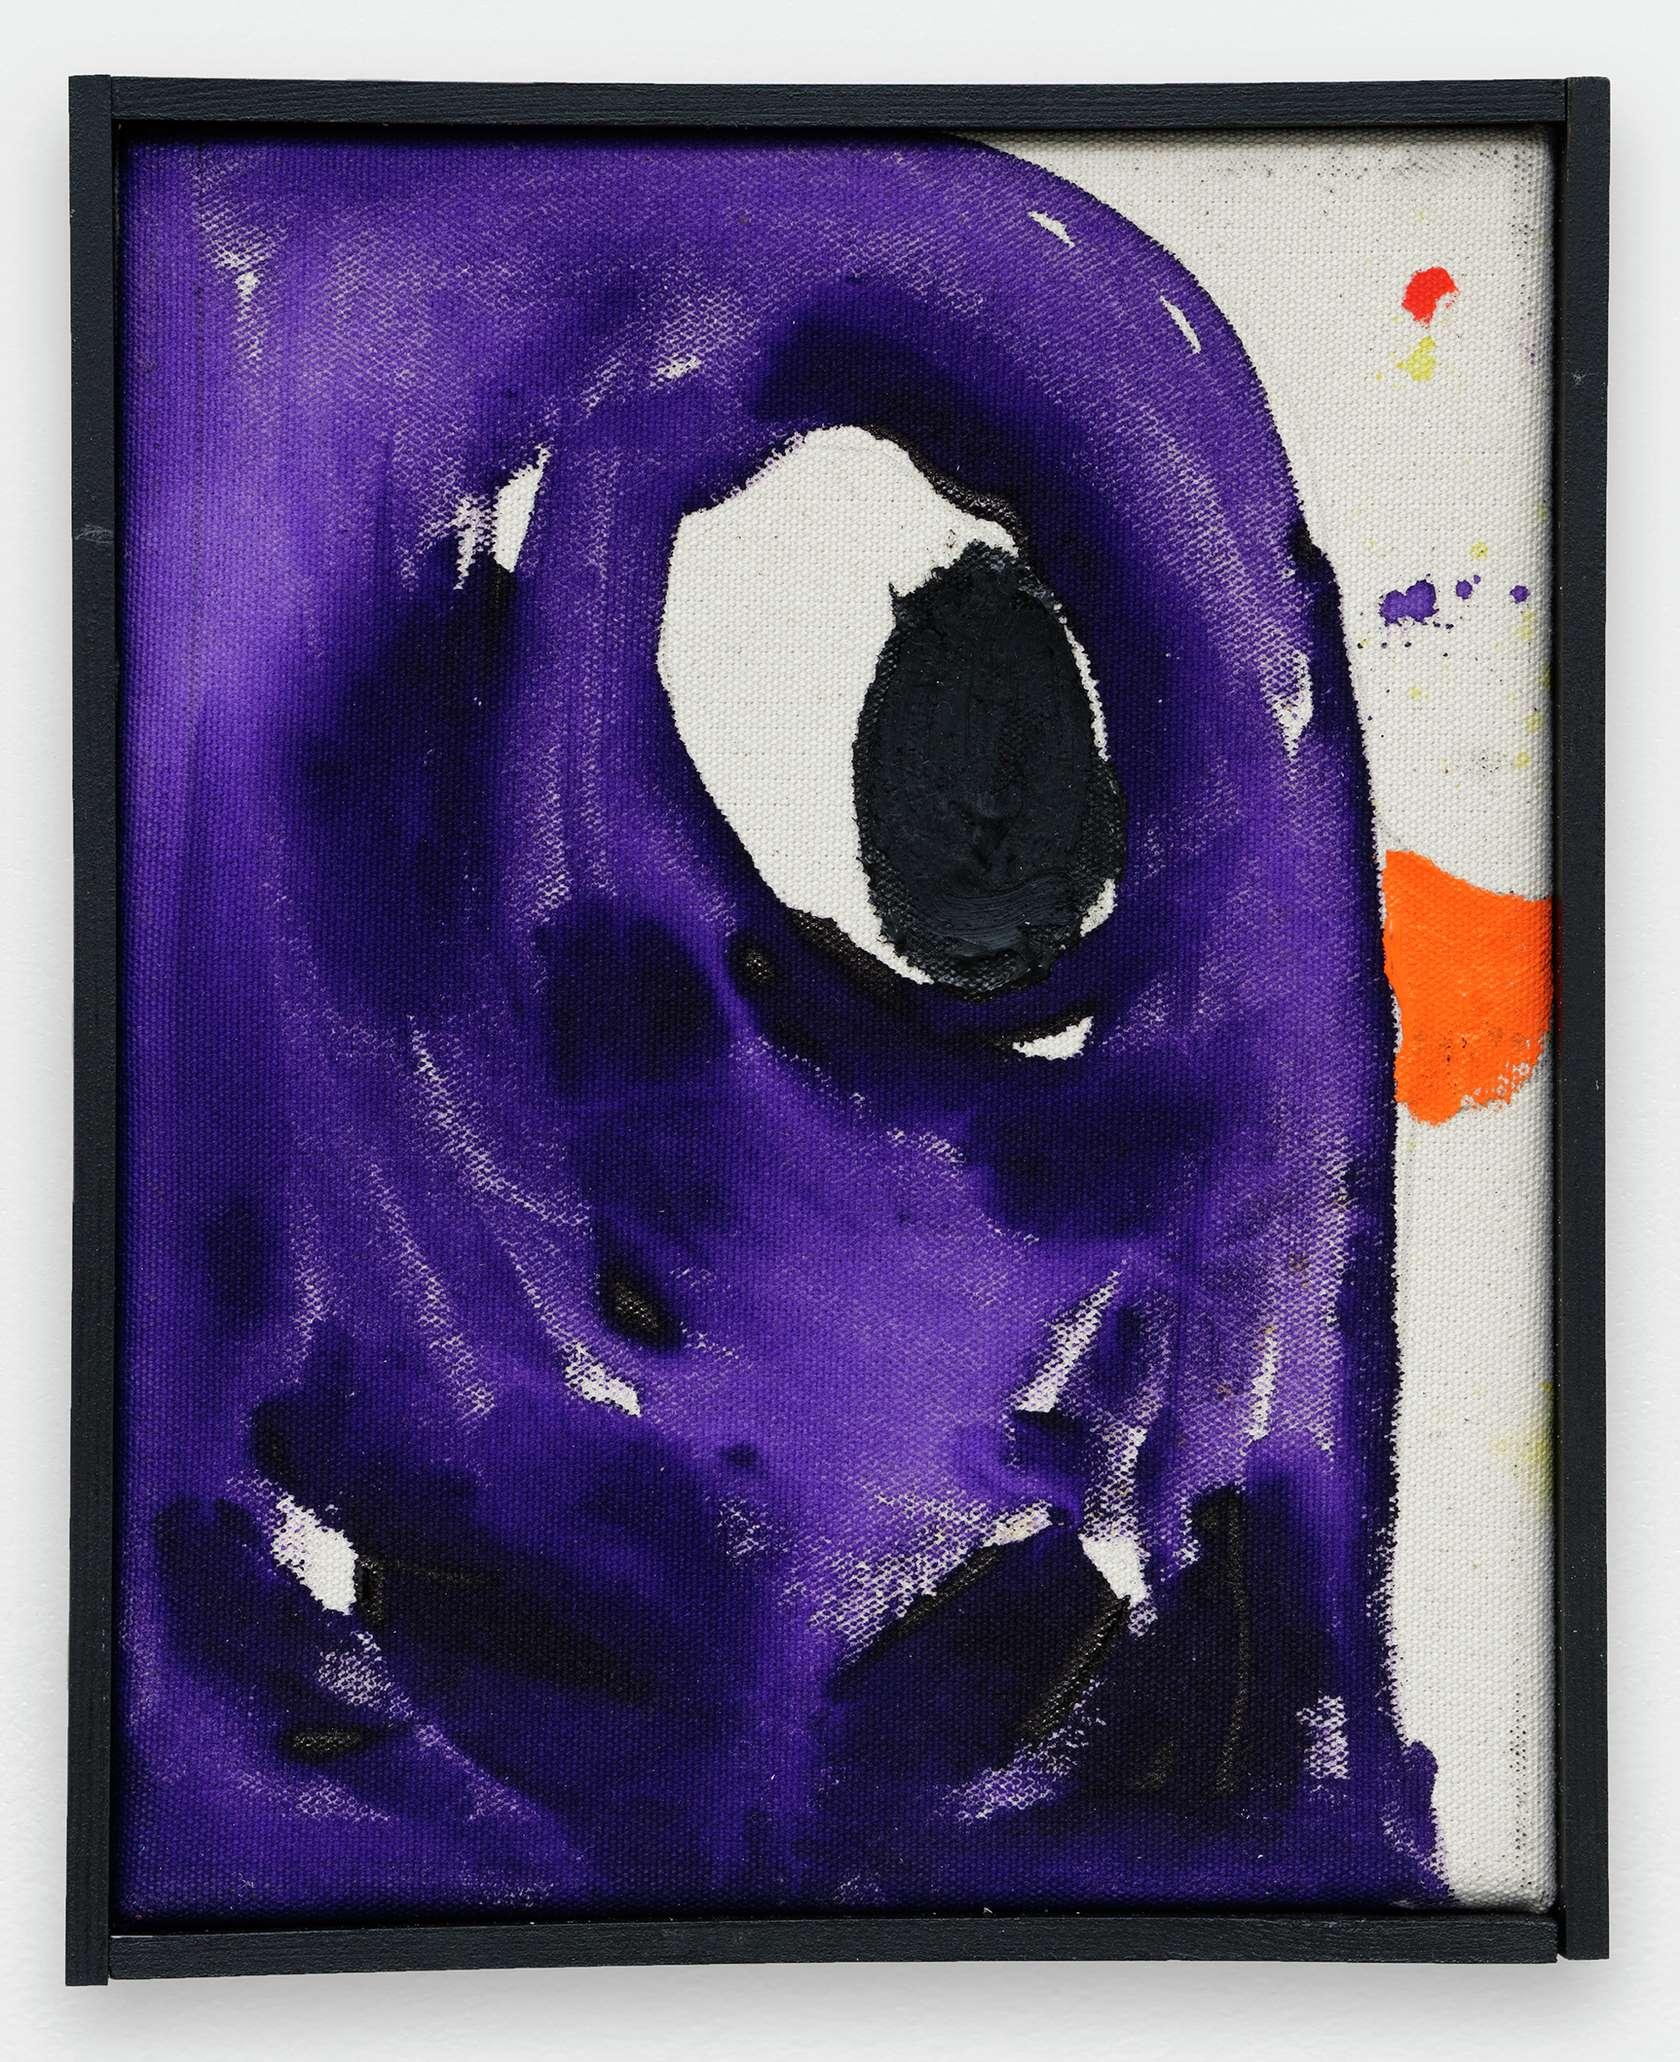 Szabolcs Bozó, Donald, 2020 Acrylique et pastel sur toile25 × 20 cm / 9 7/8 × 7 7/8 in.